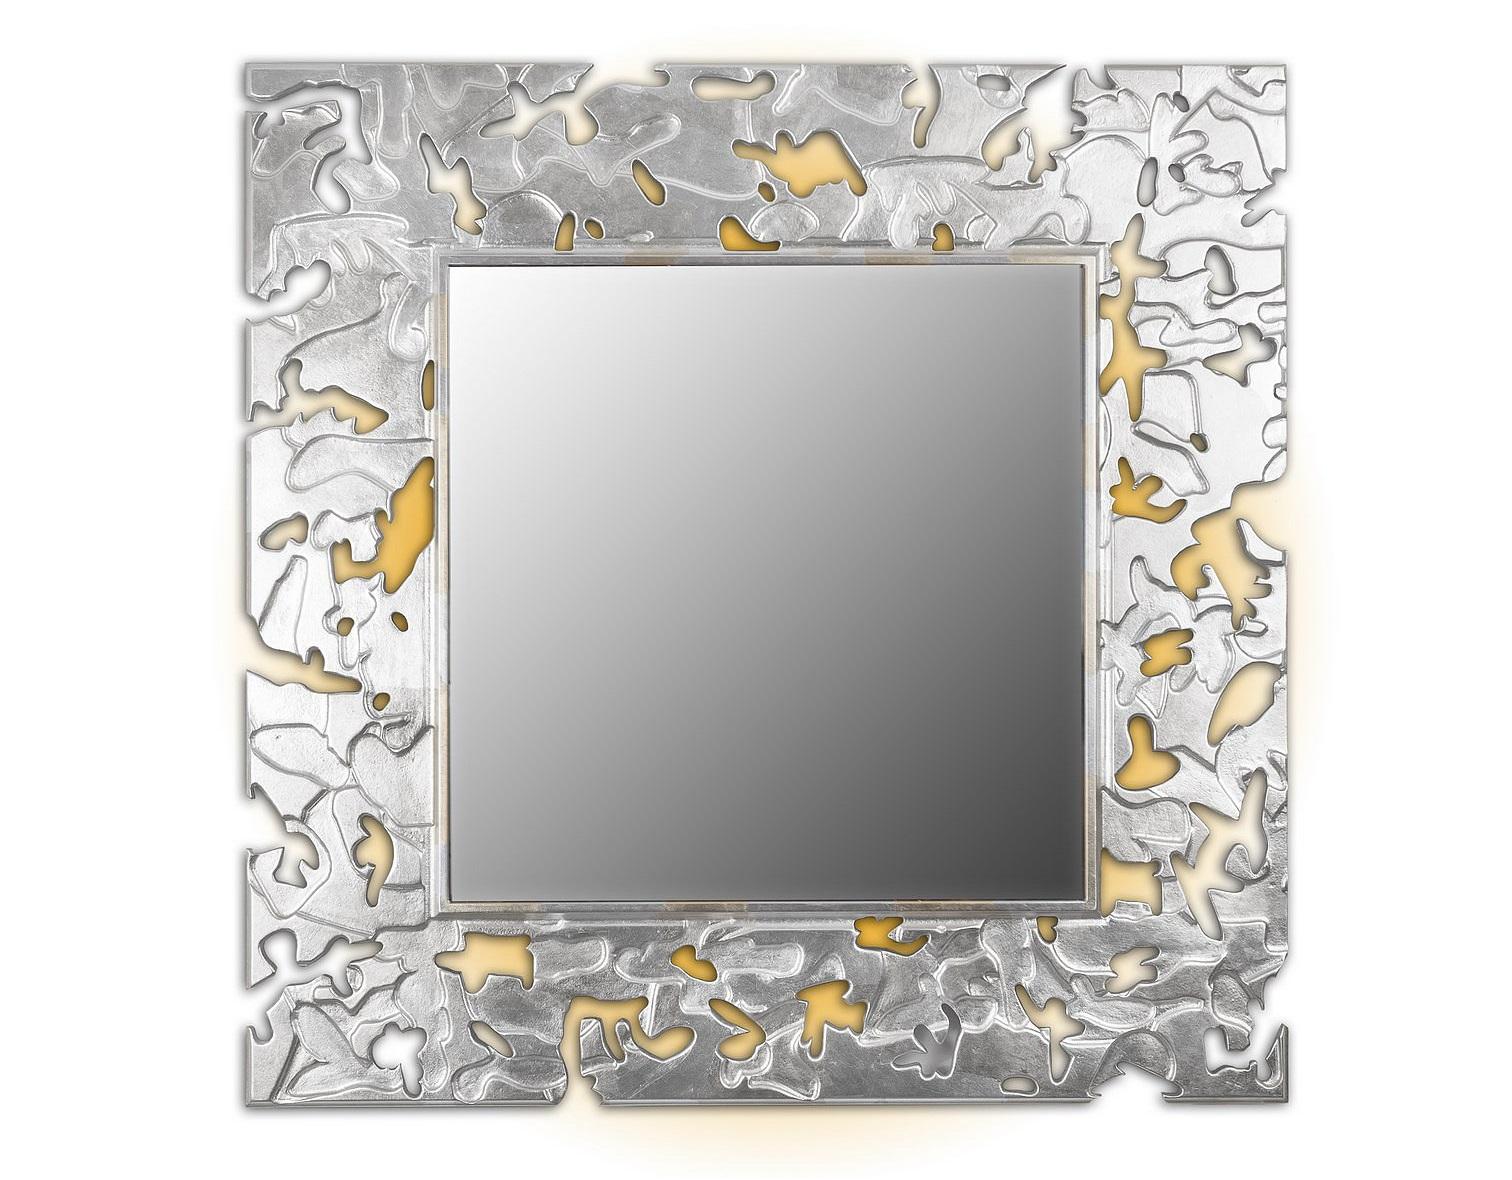 Зеркало CAMOUFLAGEНастенные зеркала<br>Данный вариант представлен в квадратной форме, цвет: золото и серебро.<br><br>Material: Дерево<br>Length см: None<br>Width см: 90<br>Depth см: 0.8<br>Height см: 90